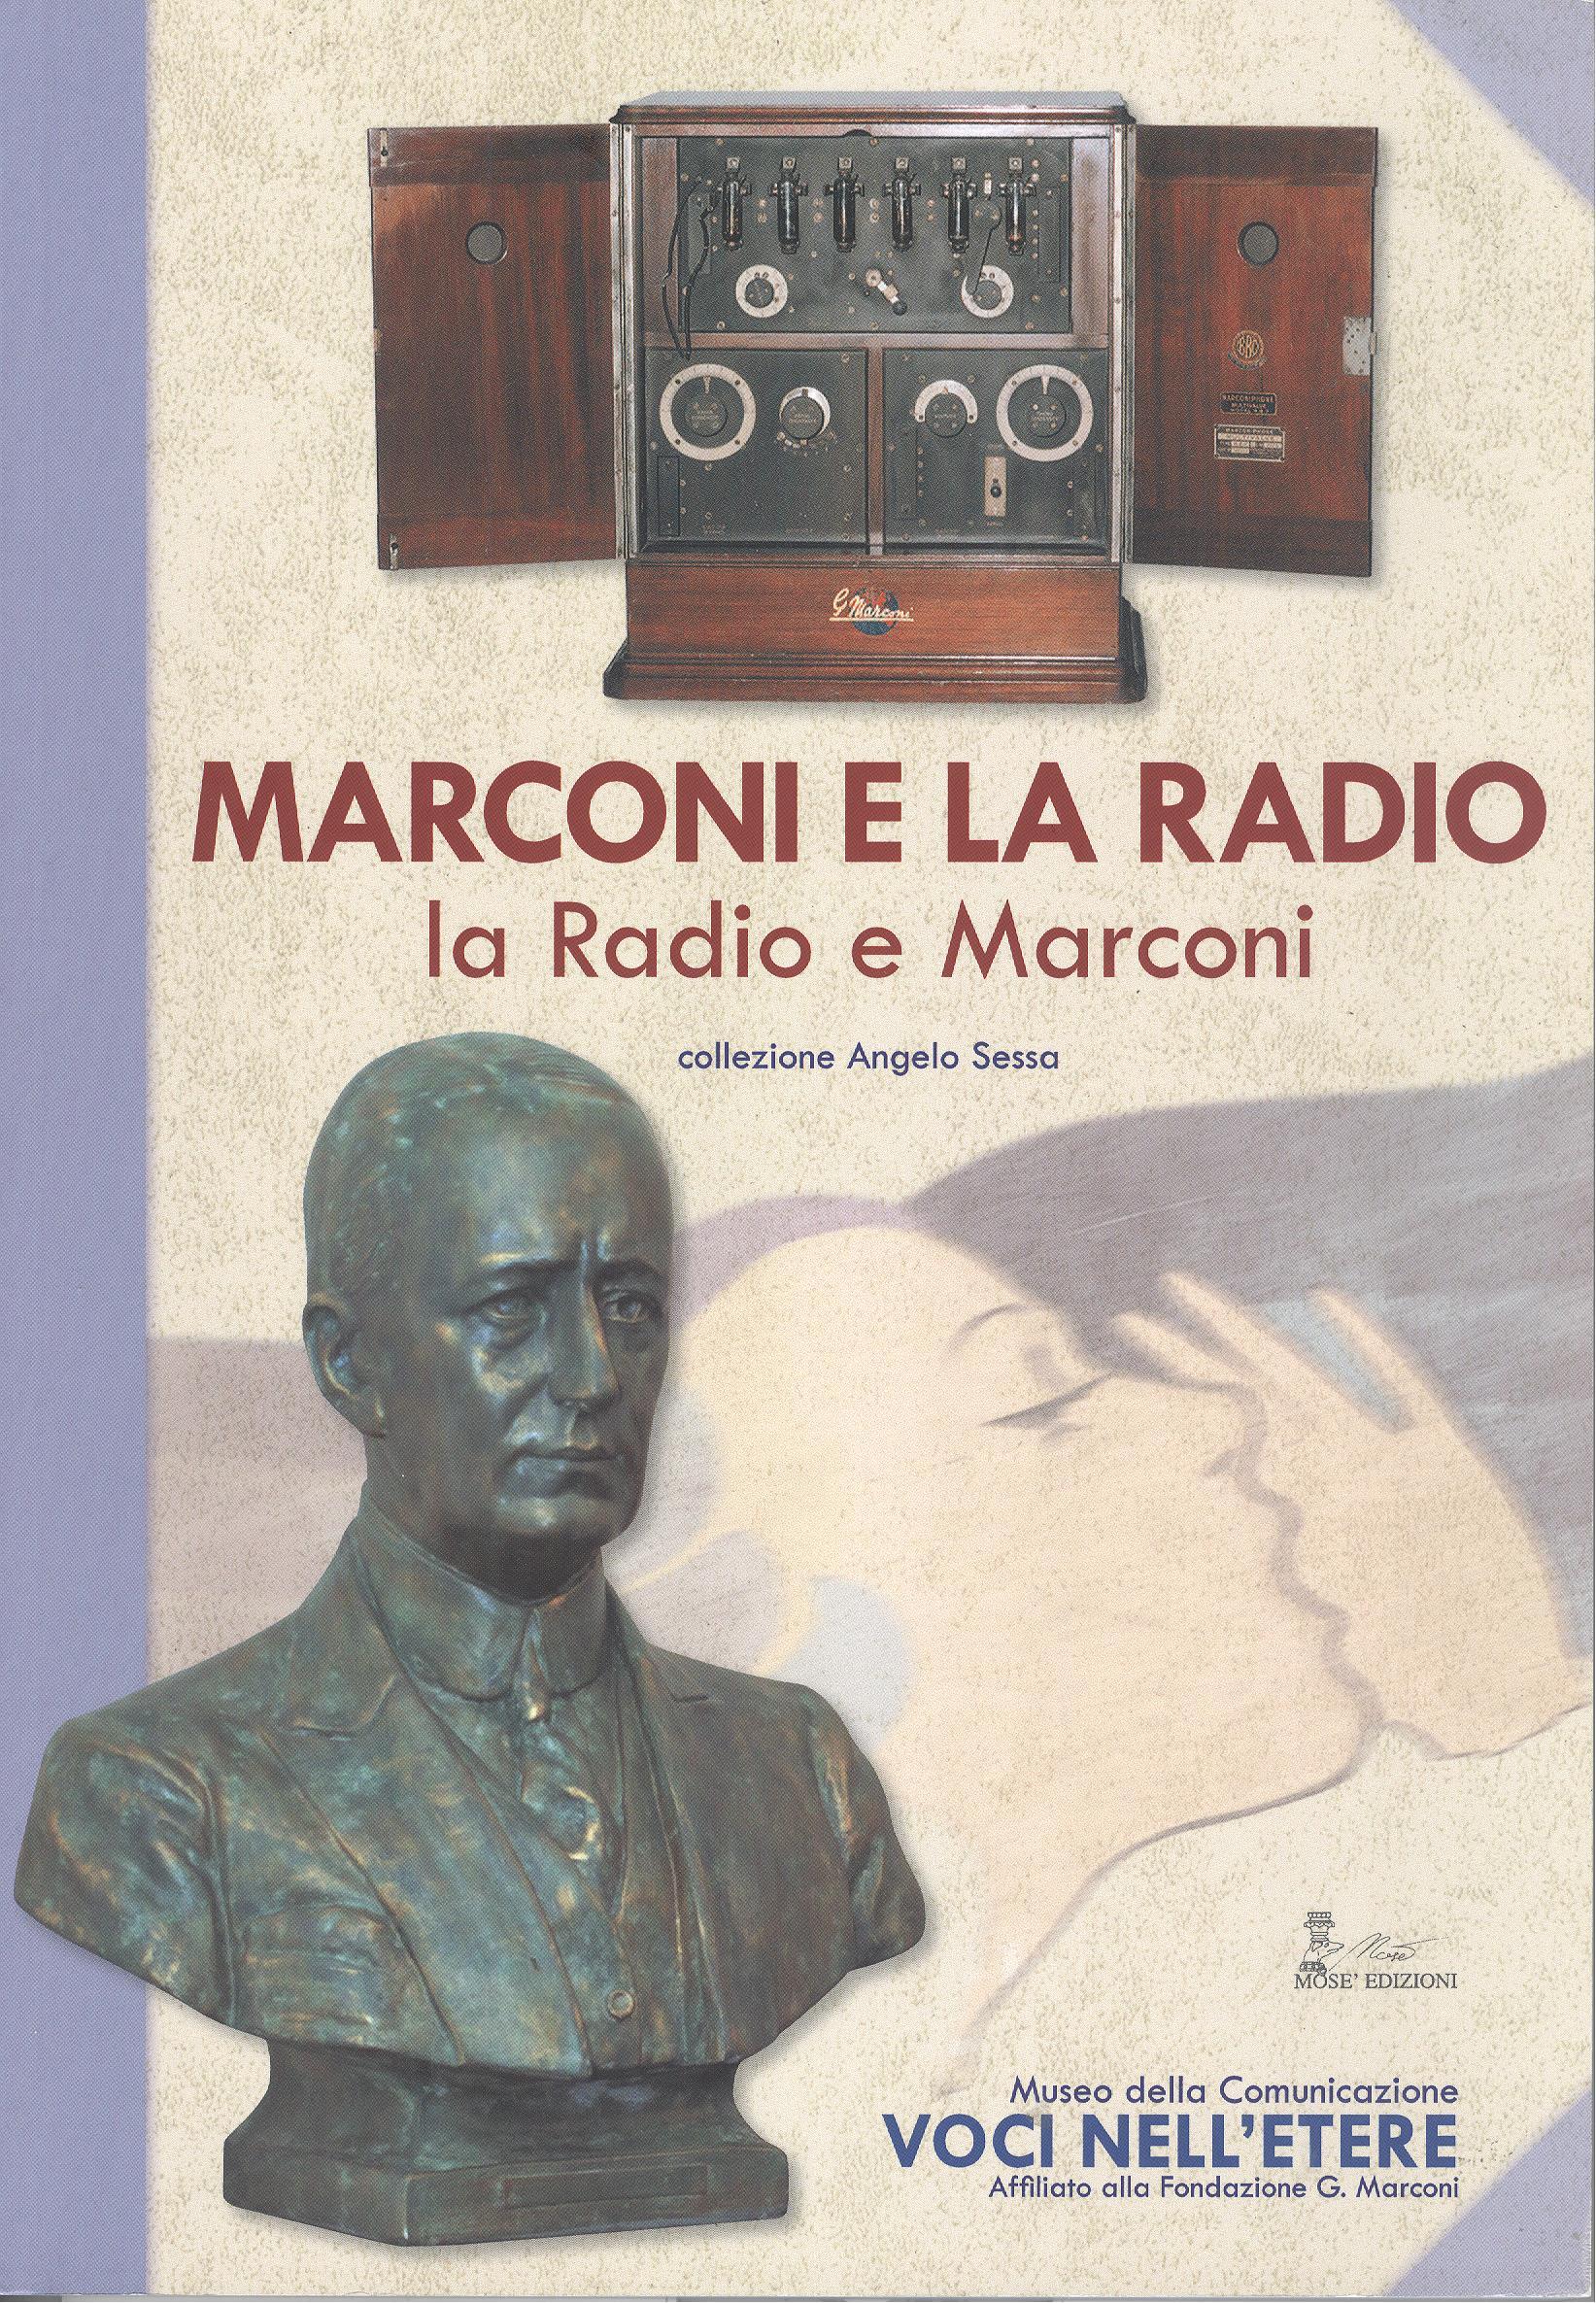 Marconi e la radio, la radio e Marconi